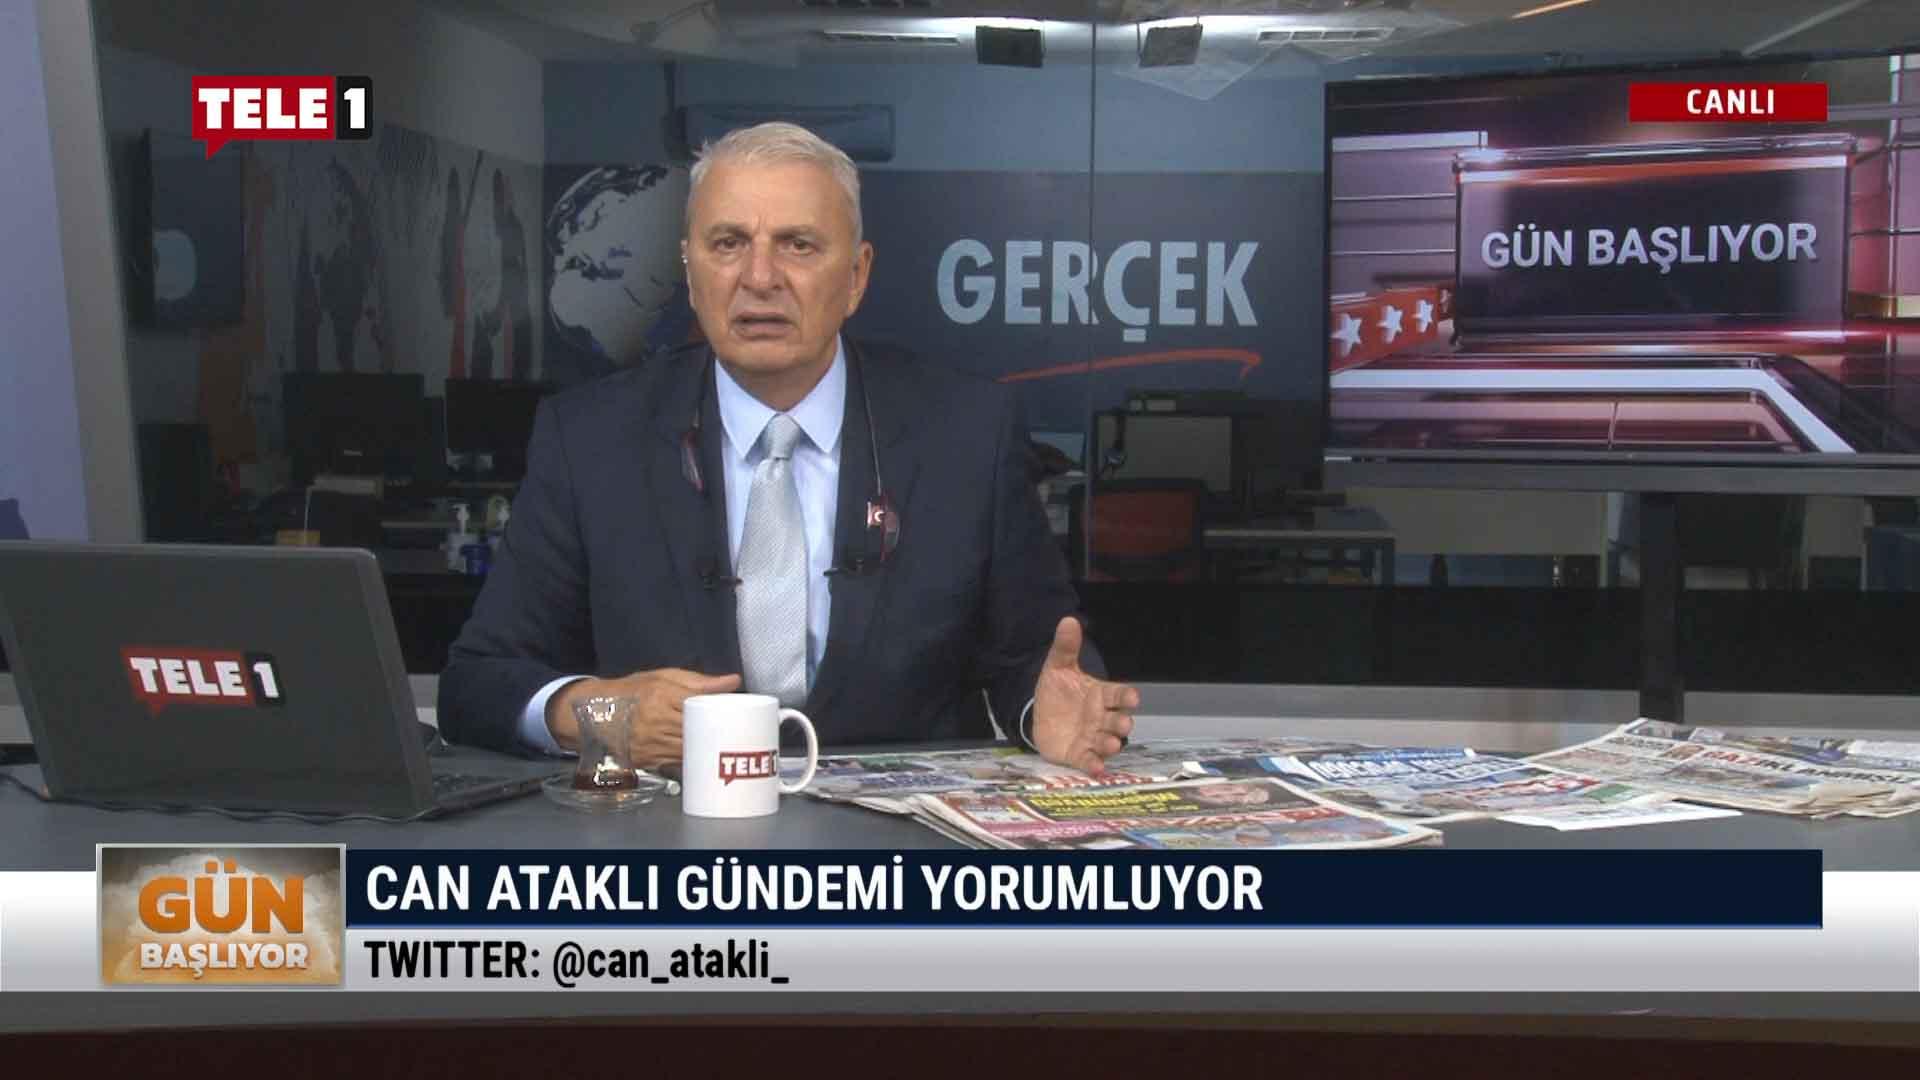 Can Ataklı bu Erdoğan'ın bitişidir